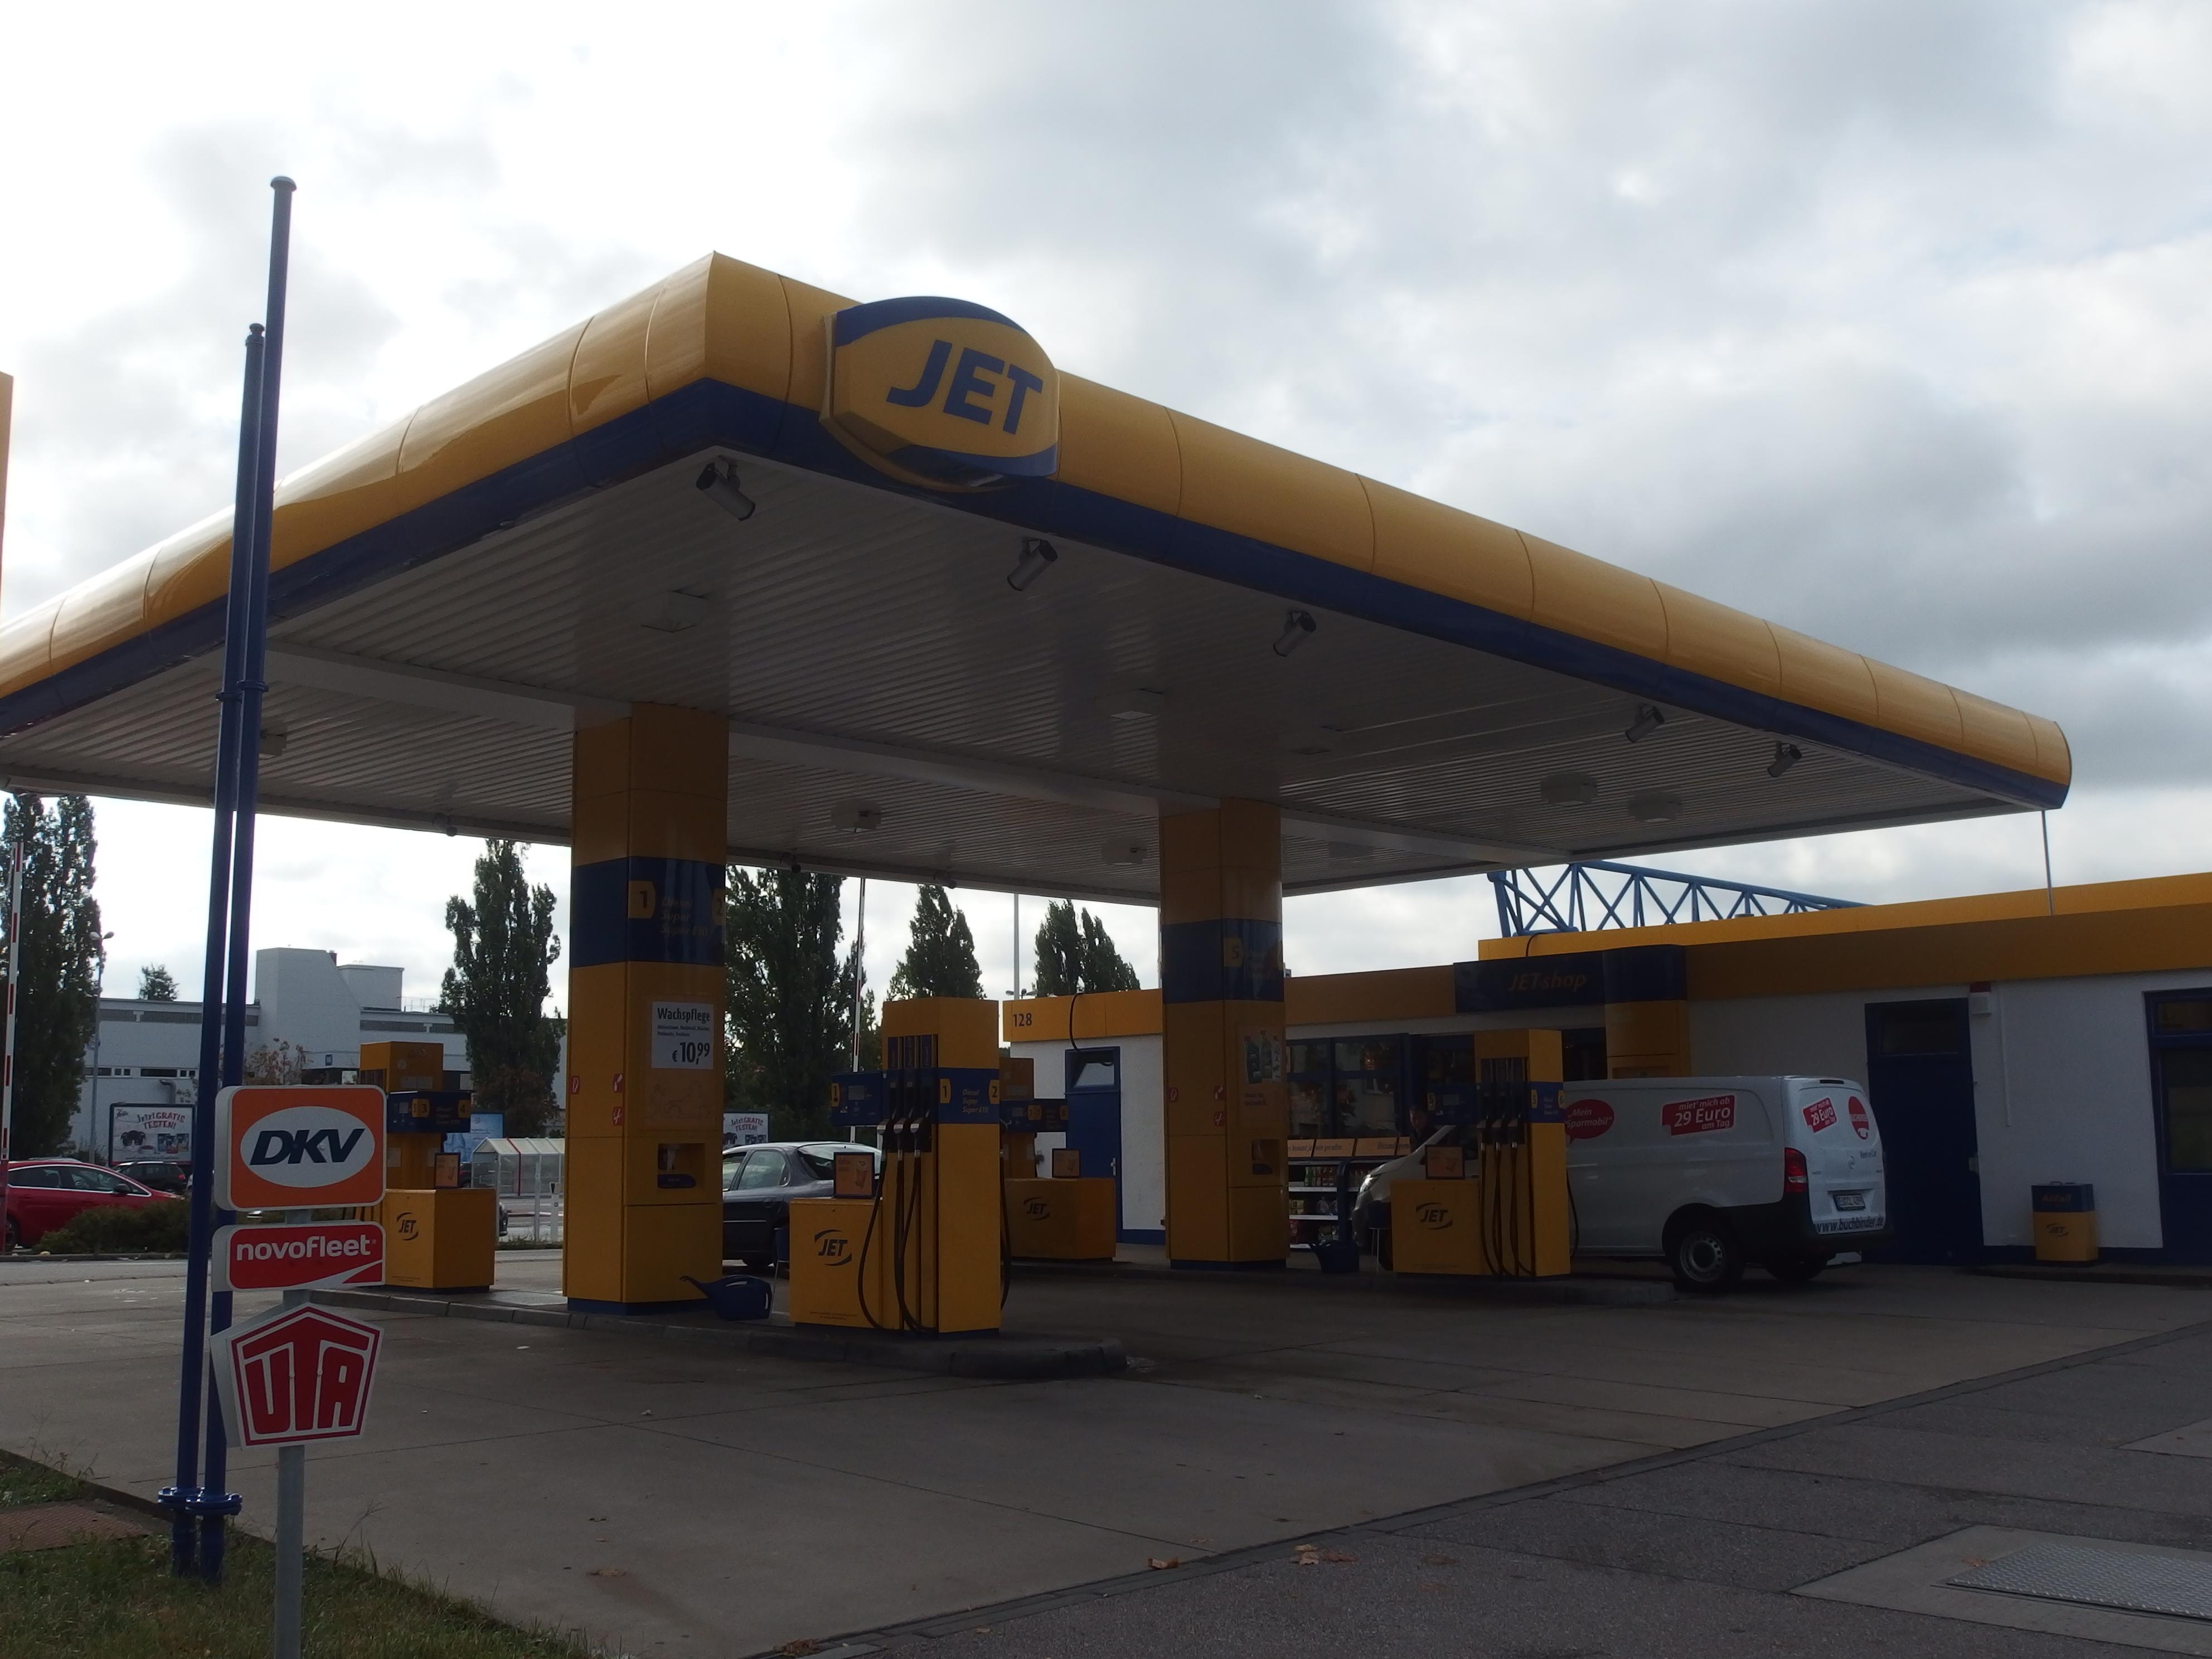 JET-Tankstelle in Donaustaufer Str. 128 93059 Regensburg-Weichs